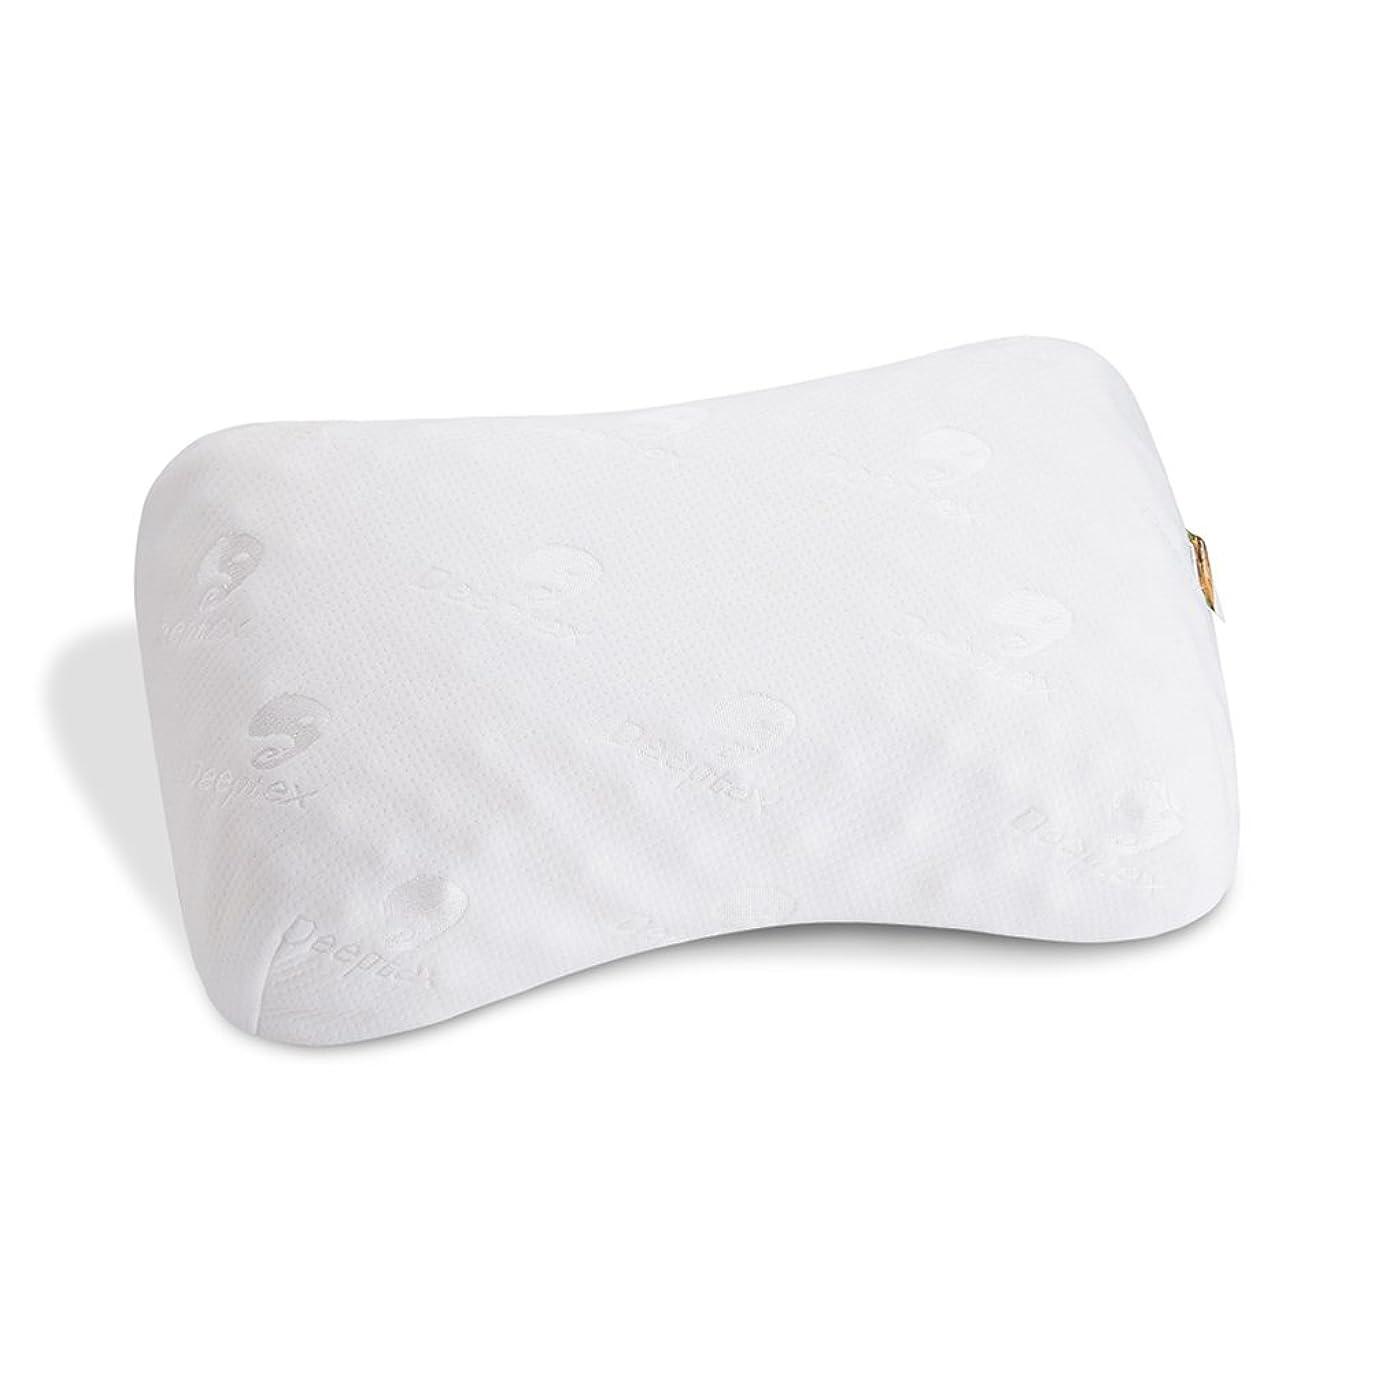 虐殺抽選火炎Deeptex ラテックス枕 肩こり改善枕 ツボタイプ 美容枕 高反発枕 安眠枕 W58D34H9-10CM